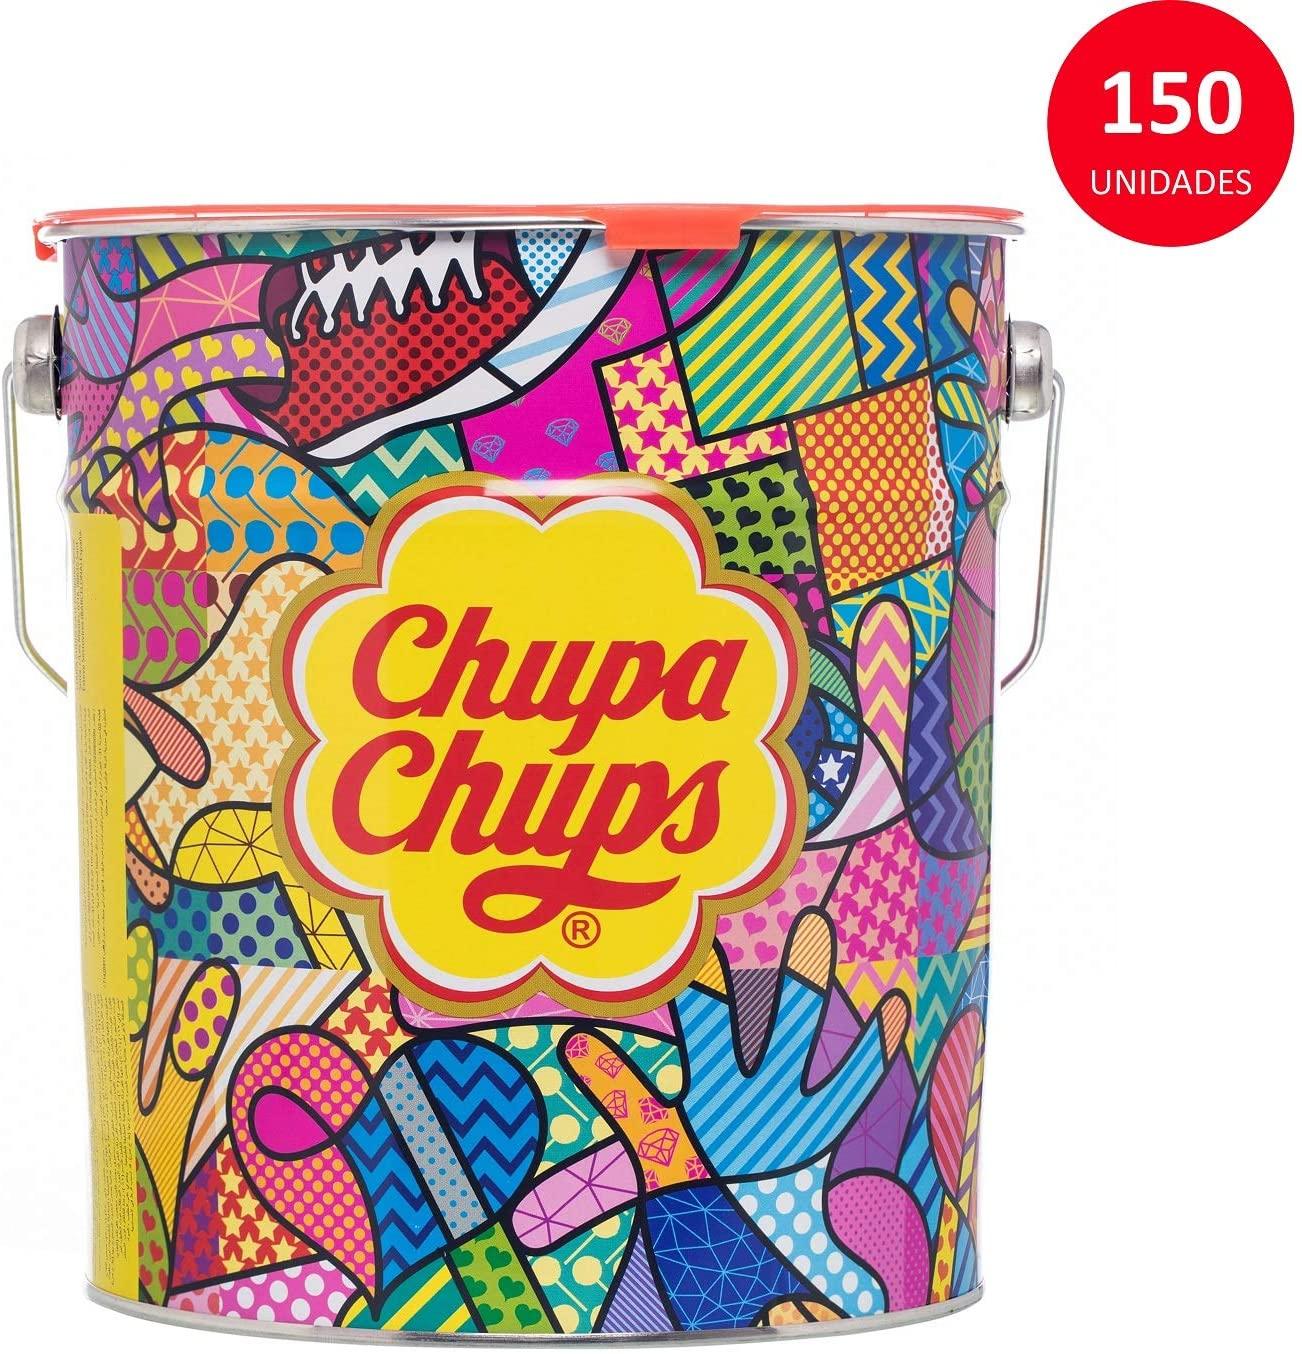 Chupa Chups Original de Sabores, 150 Unidades